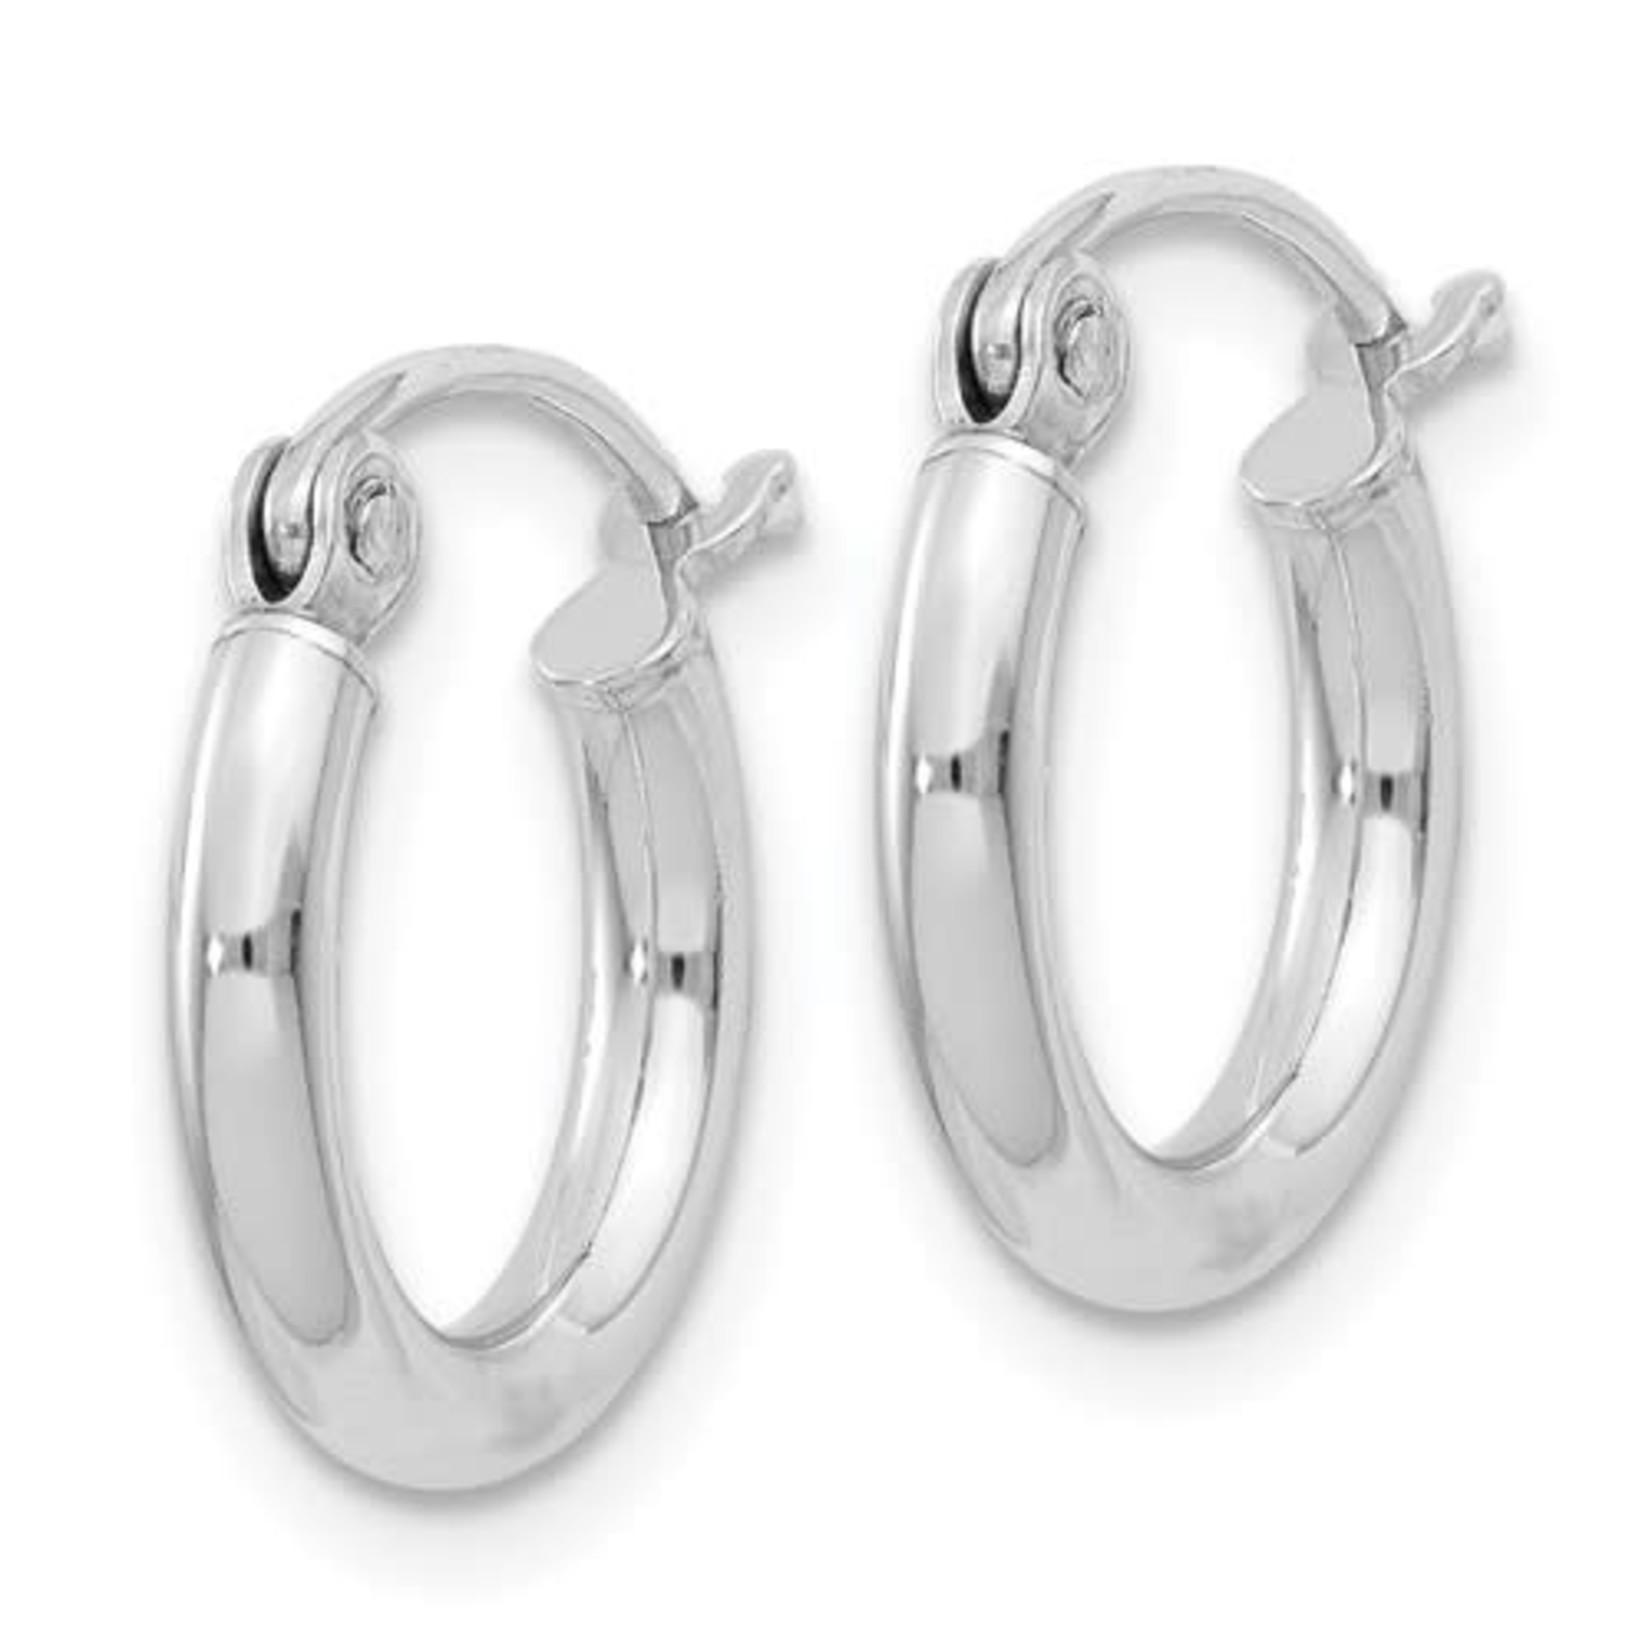 This Is Life Tube Hoop Earrings - 2 mm Sterling Silver